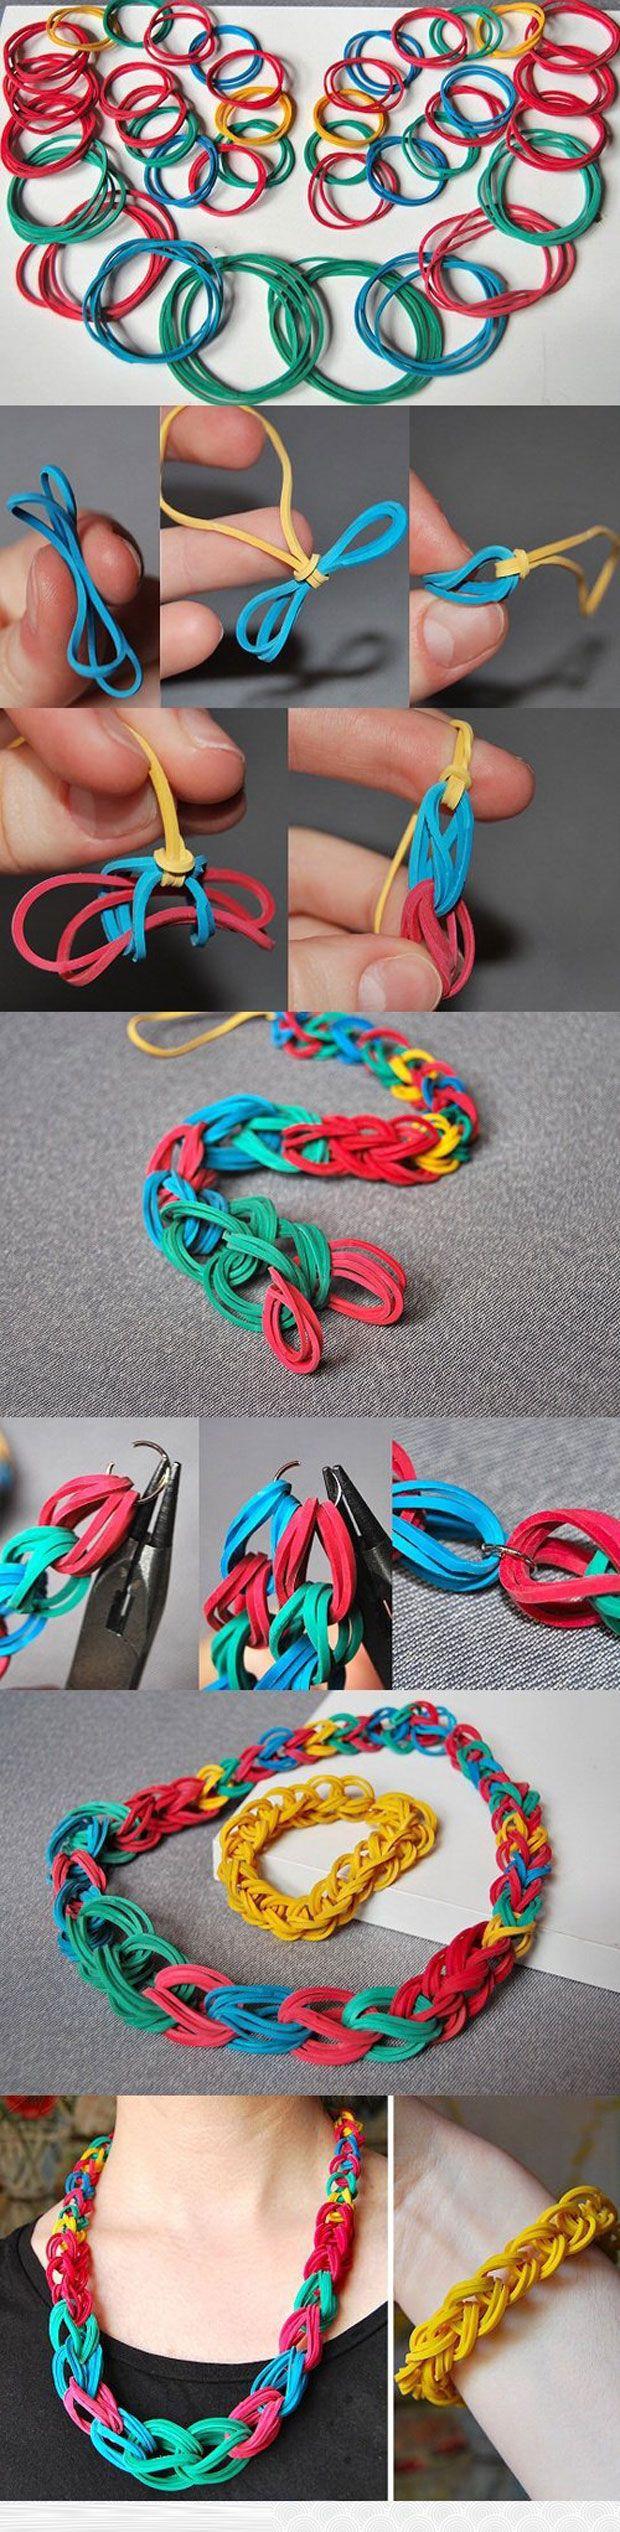 DIY Necklaces And Bracelets Diy Crafts Craft Ideas Easy Crafty